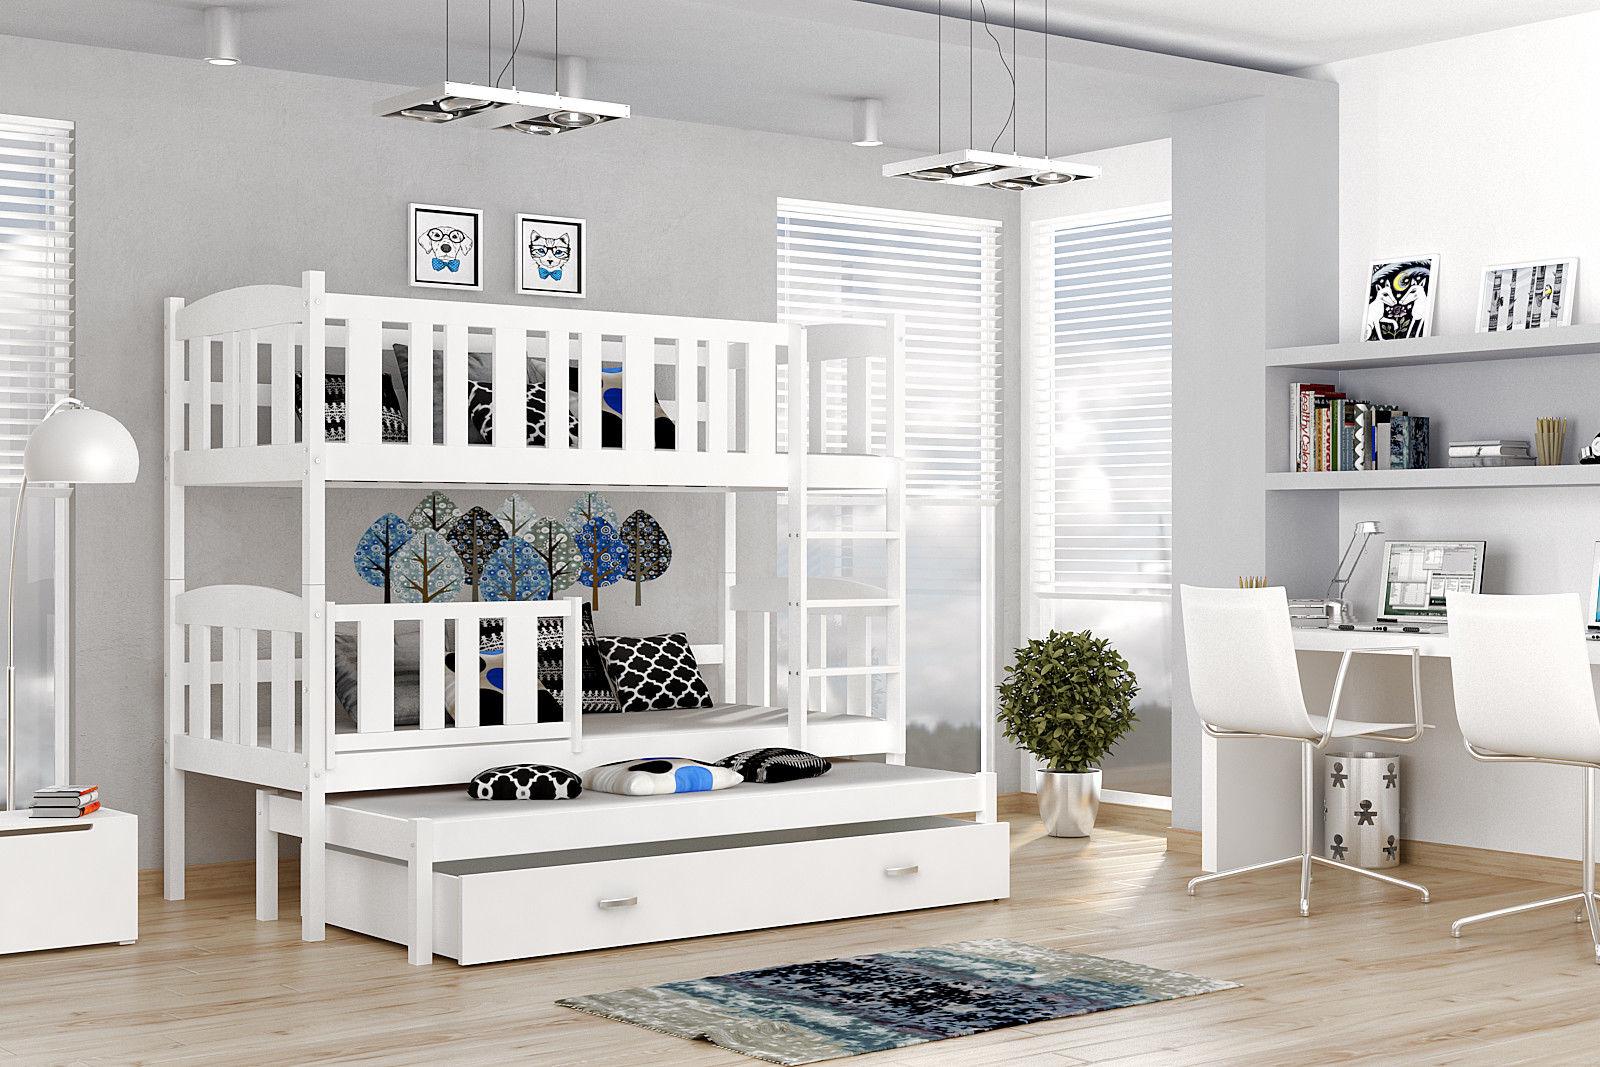 Etagenbett Für 3 : Etagenbett hochbett jakob farbe weiß mit einer schublade